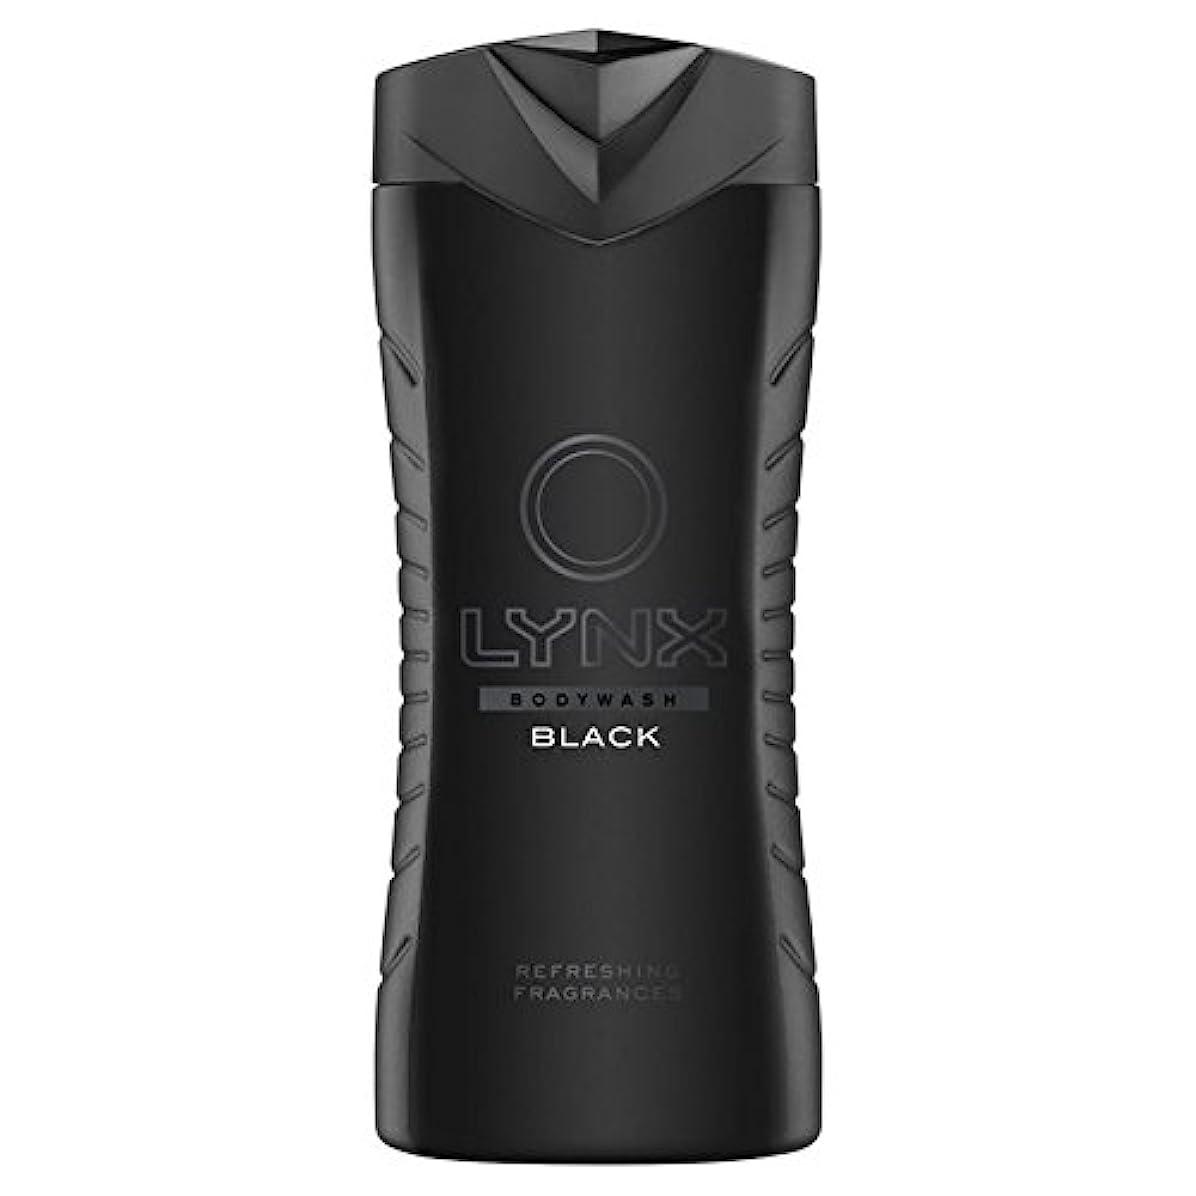 ヒット検閲下位オオヤマネコブラックシャワージェル400ミリリットル x2 - Lynx Black Shower Gel 400ml (Pack of 2) [並行輸入品]